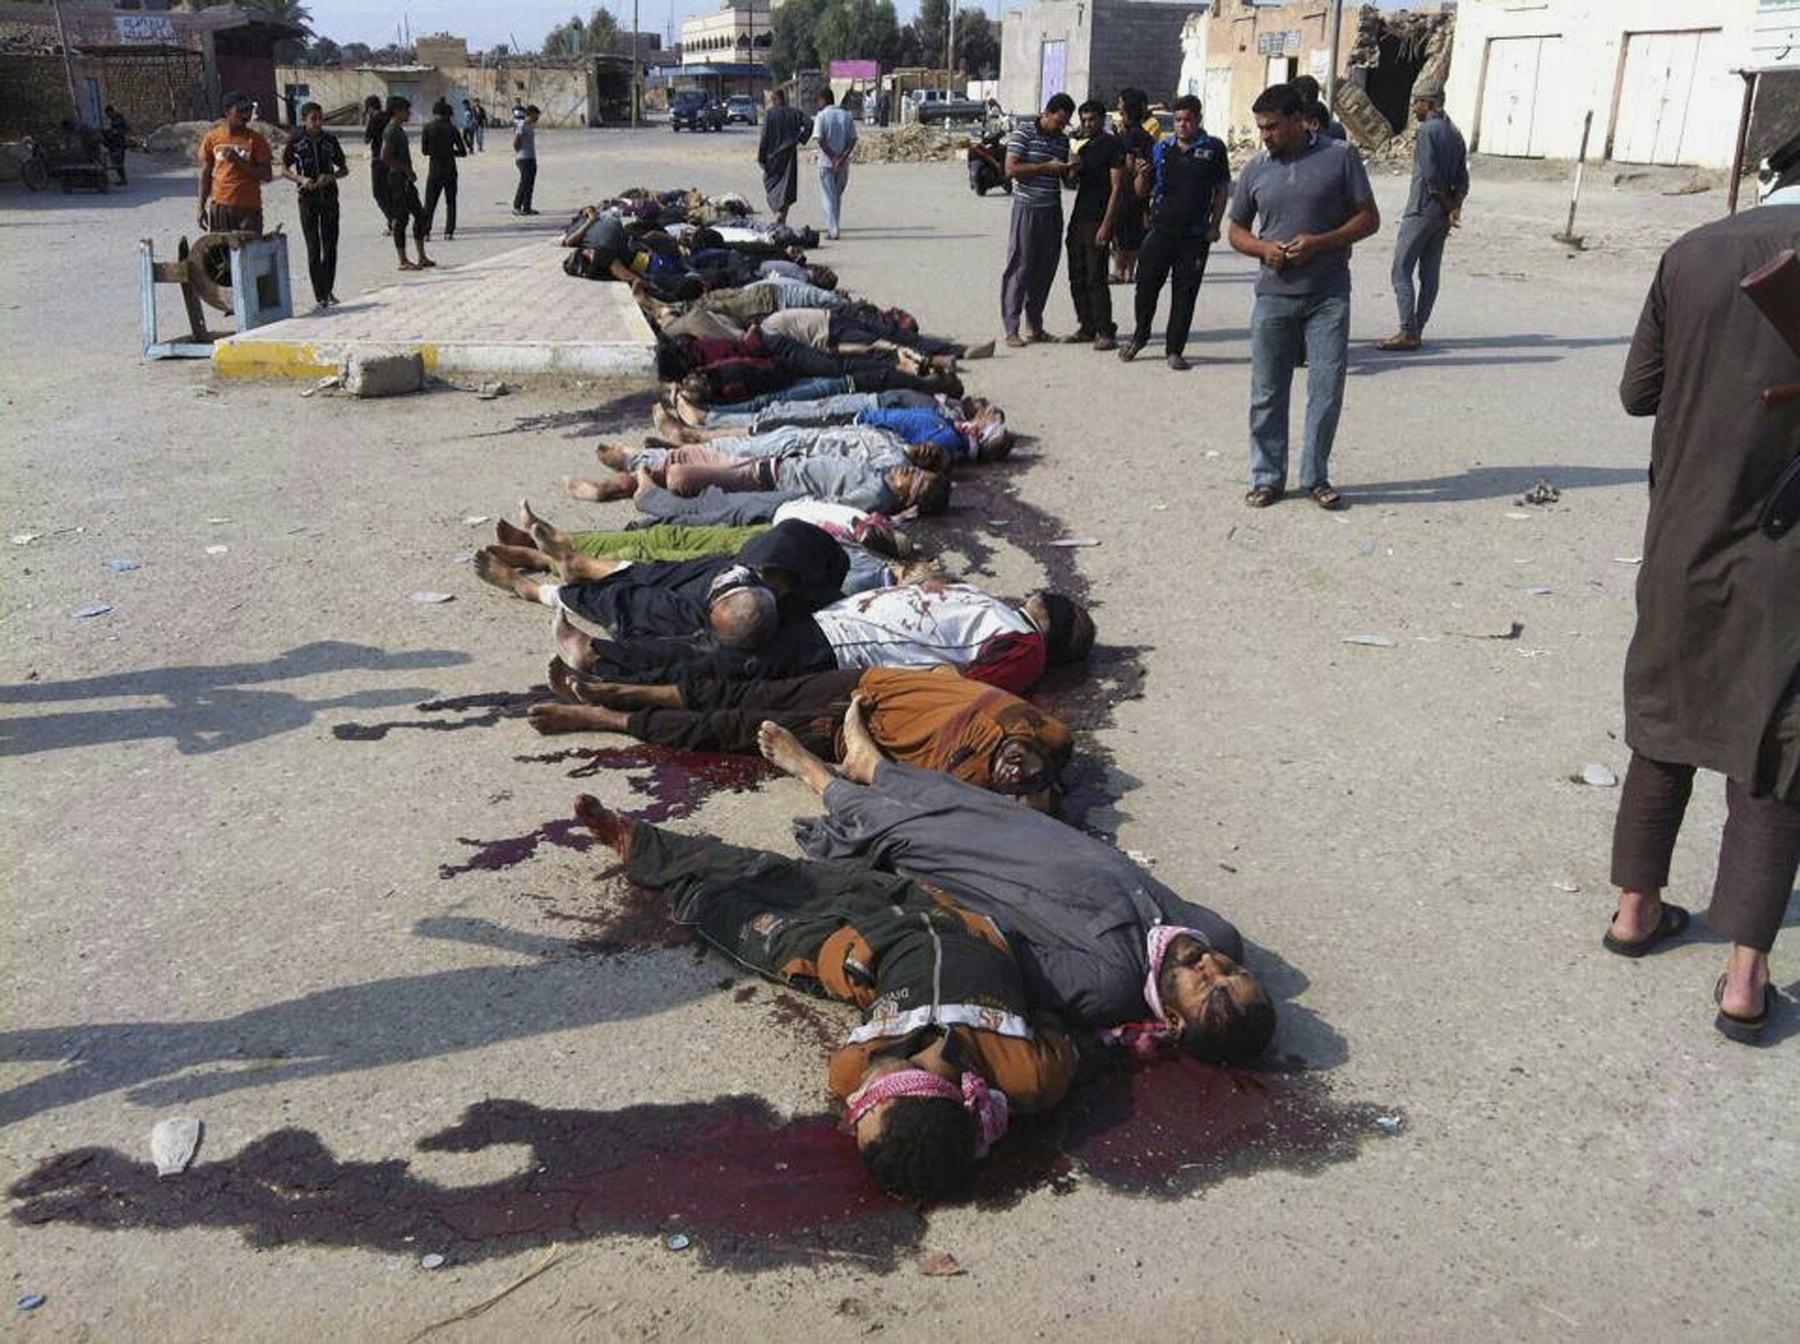 גופות של לוחמים סונים בעיראק שהוצאו להורג על ידי דאע&quote;ש, ב-29 באוקטובר 2014 (צילום: AP Photo)